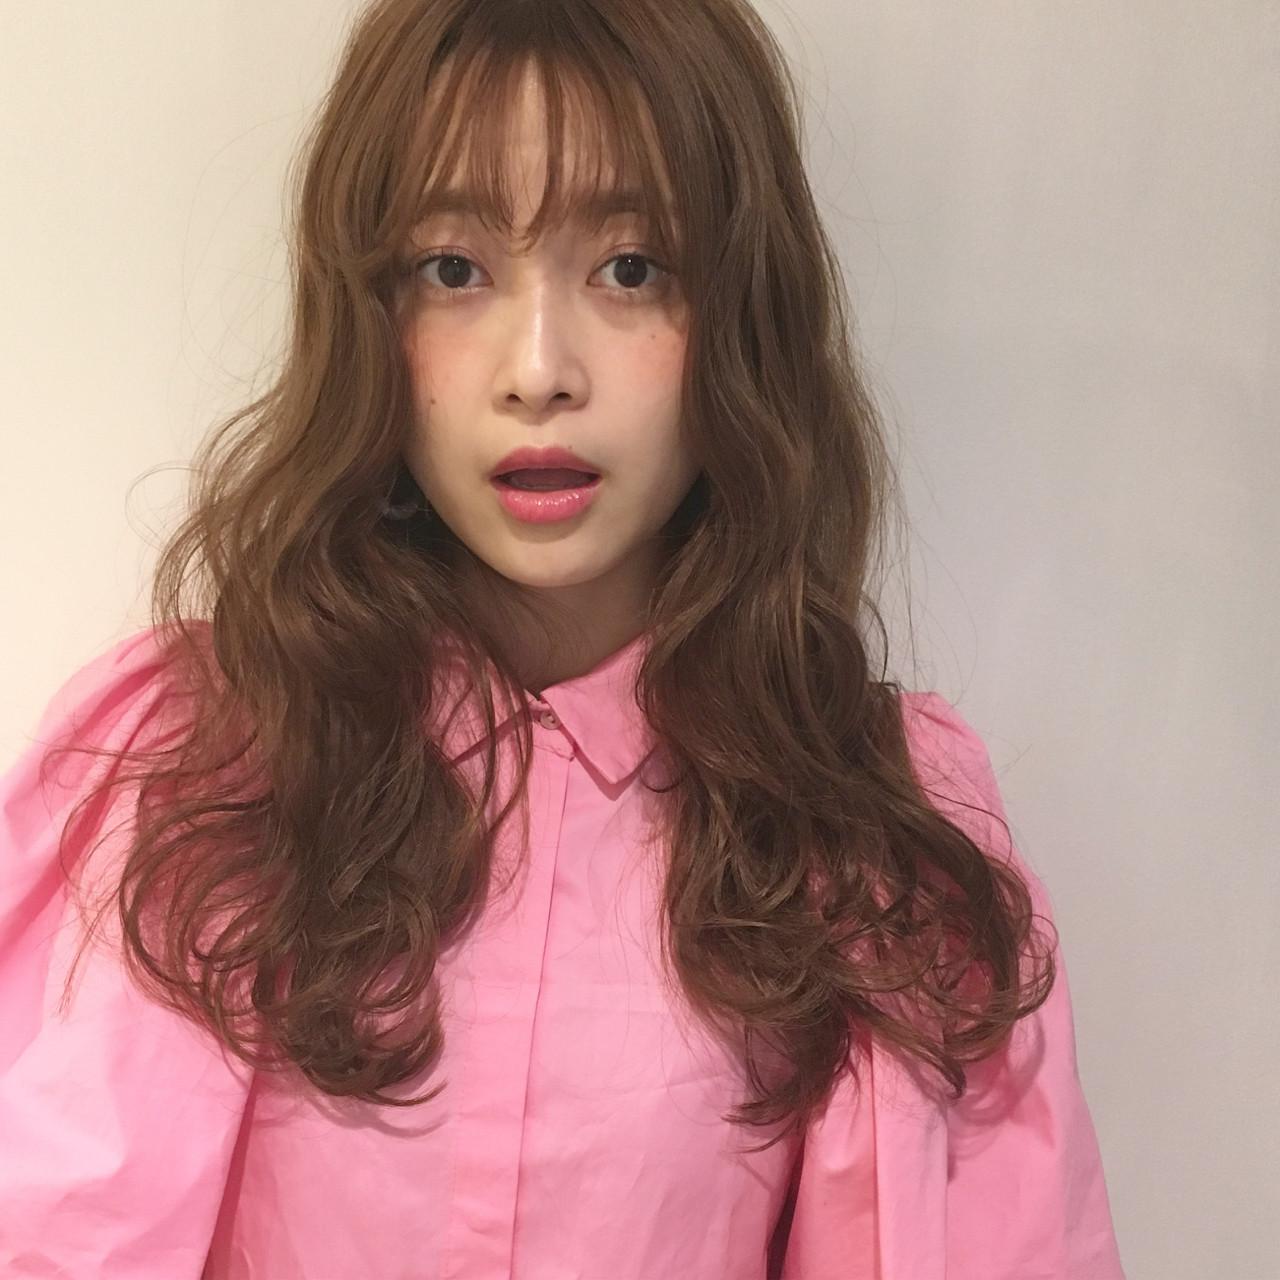 ロング フリンジバング アッシュ パーマ ヘアスタイルや髪型の写真・画像 | 渡会佳奈 / RUALA